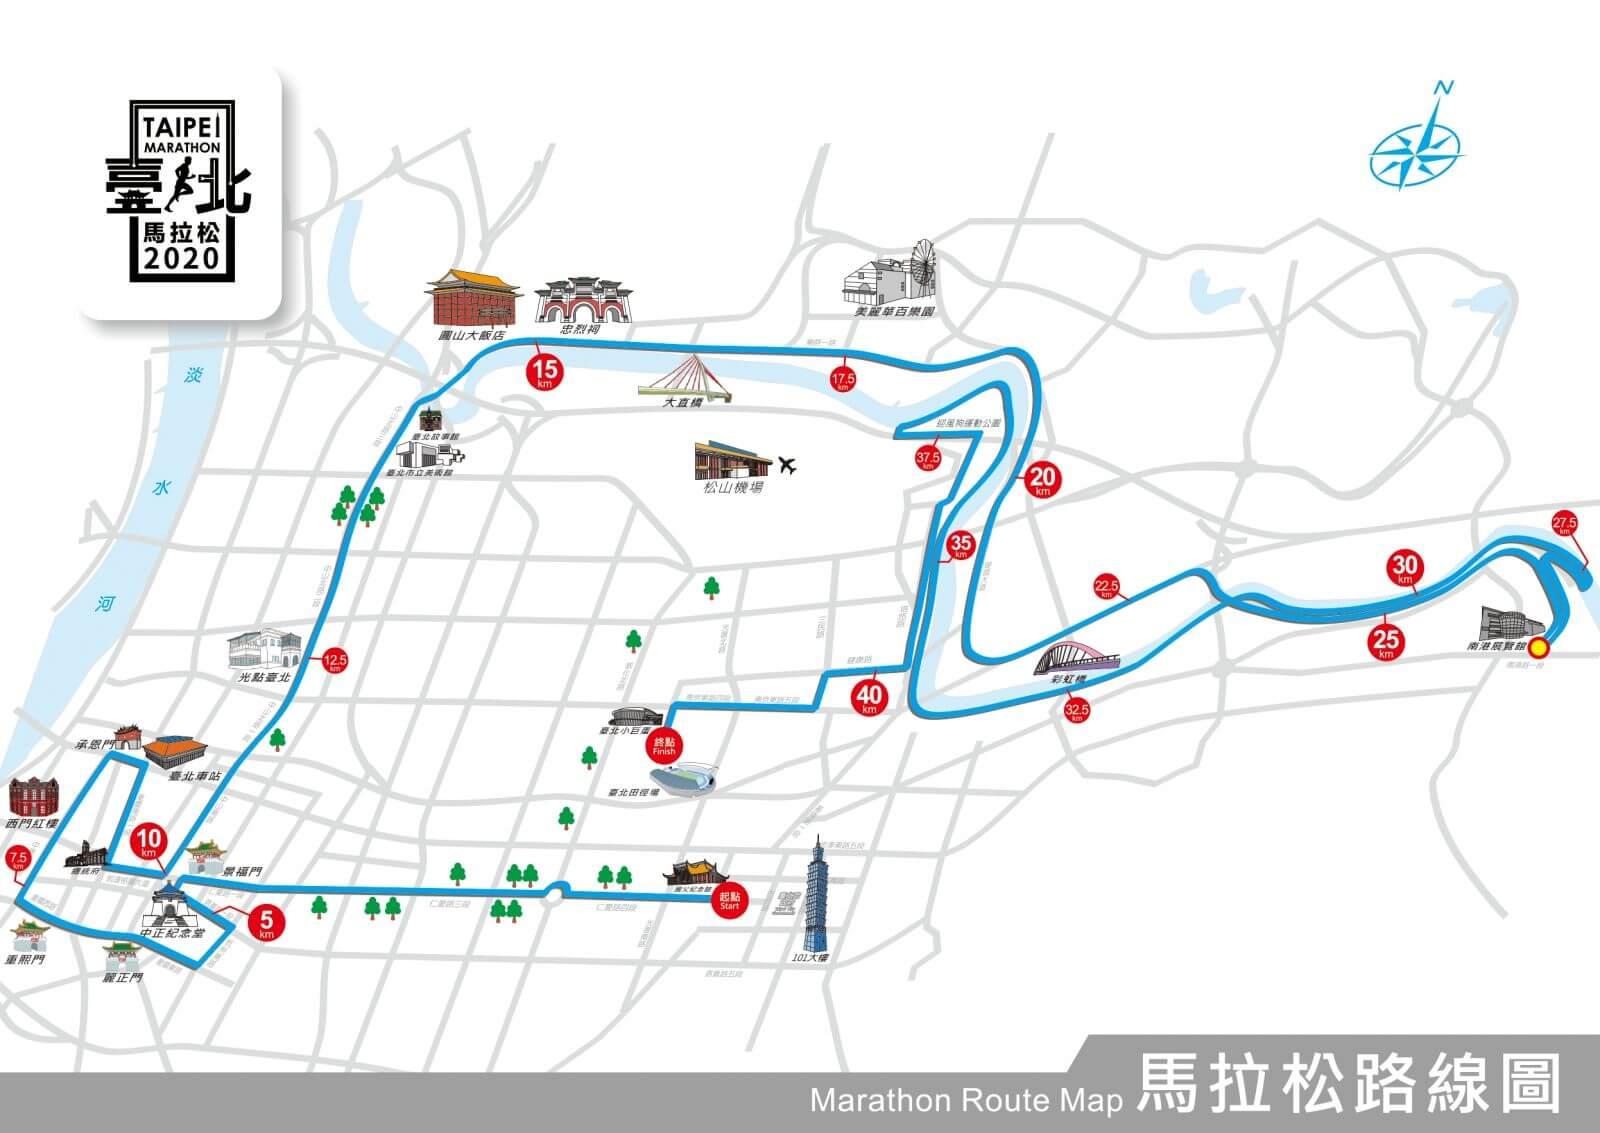 台北馬拉松 馬拉松路線